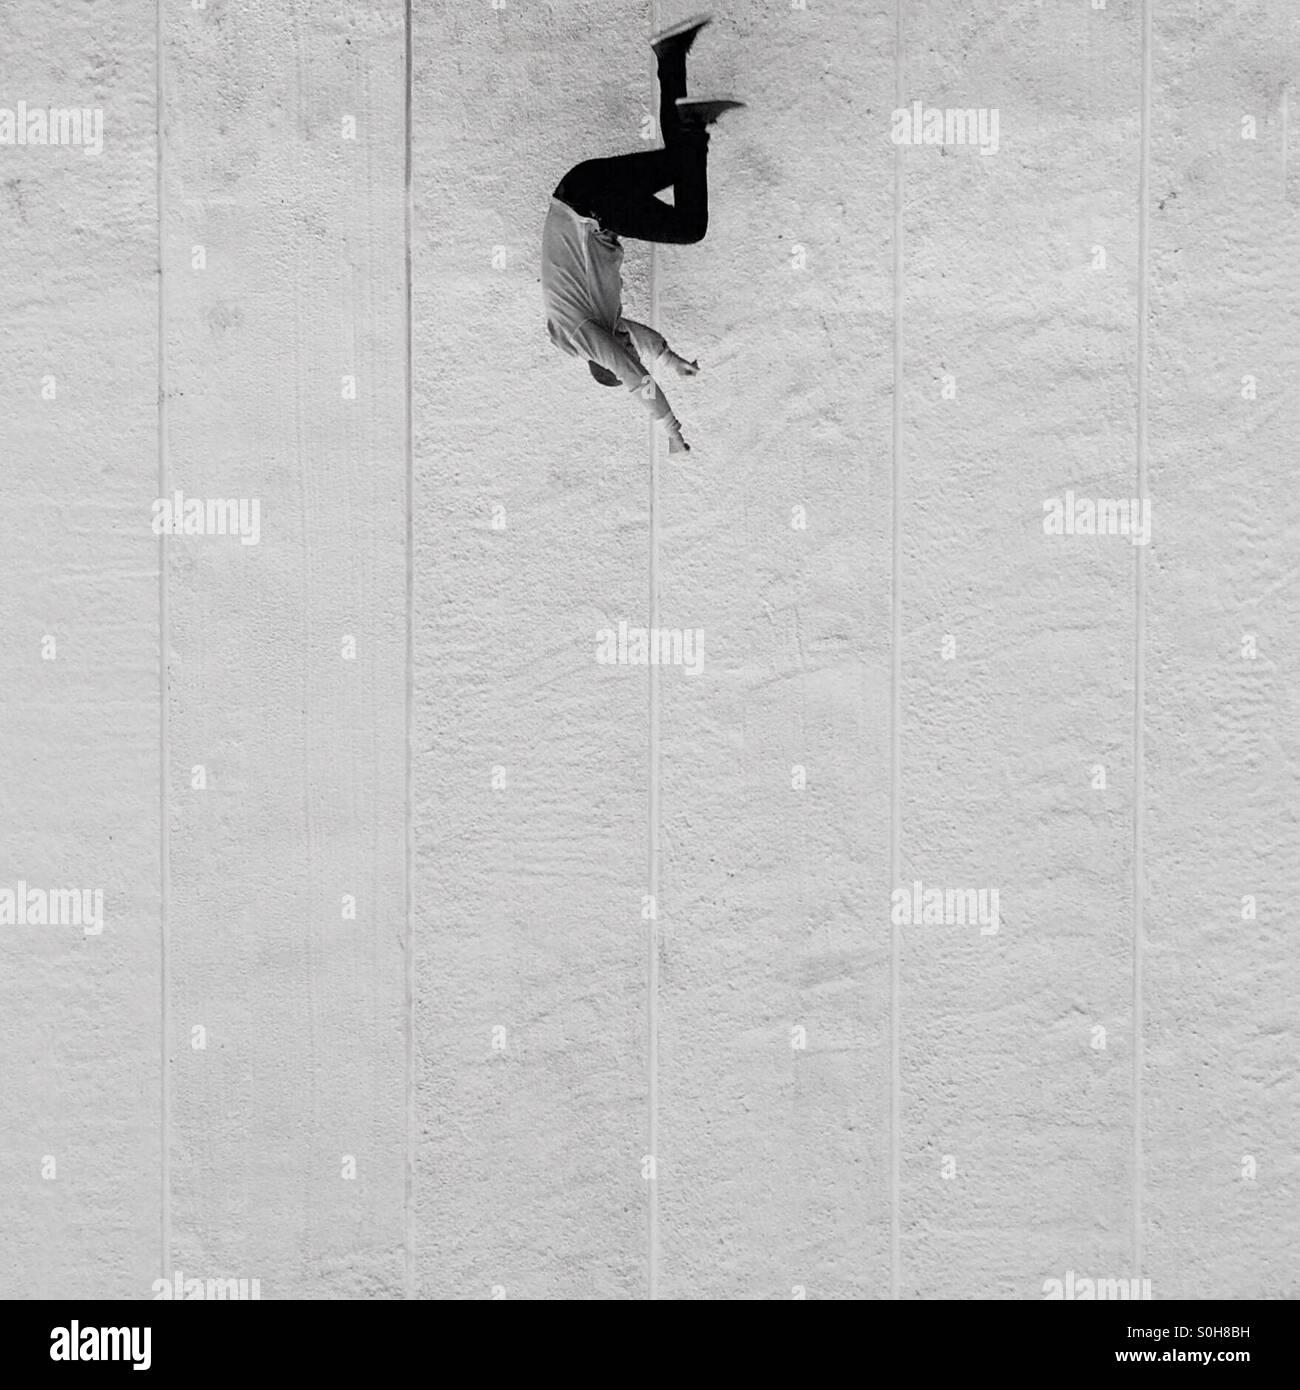 Free fallin' - Stock Image